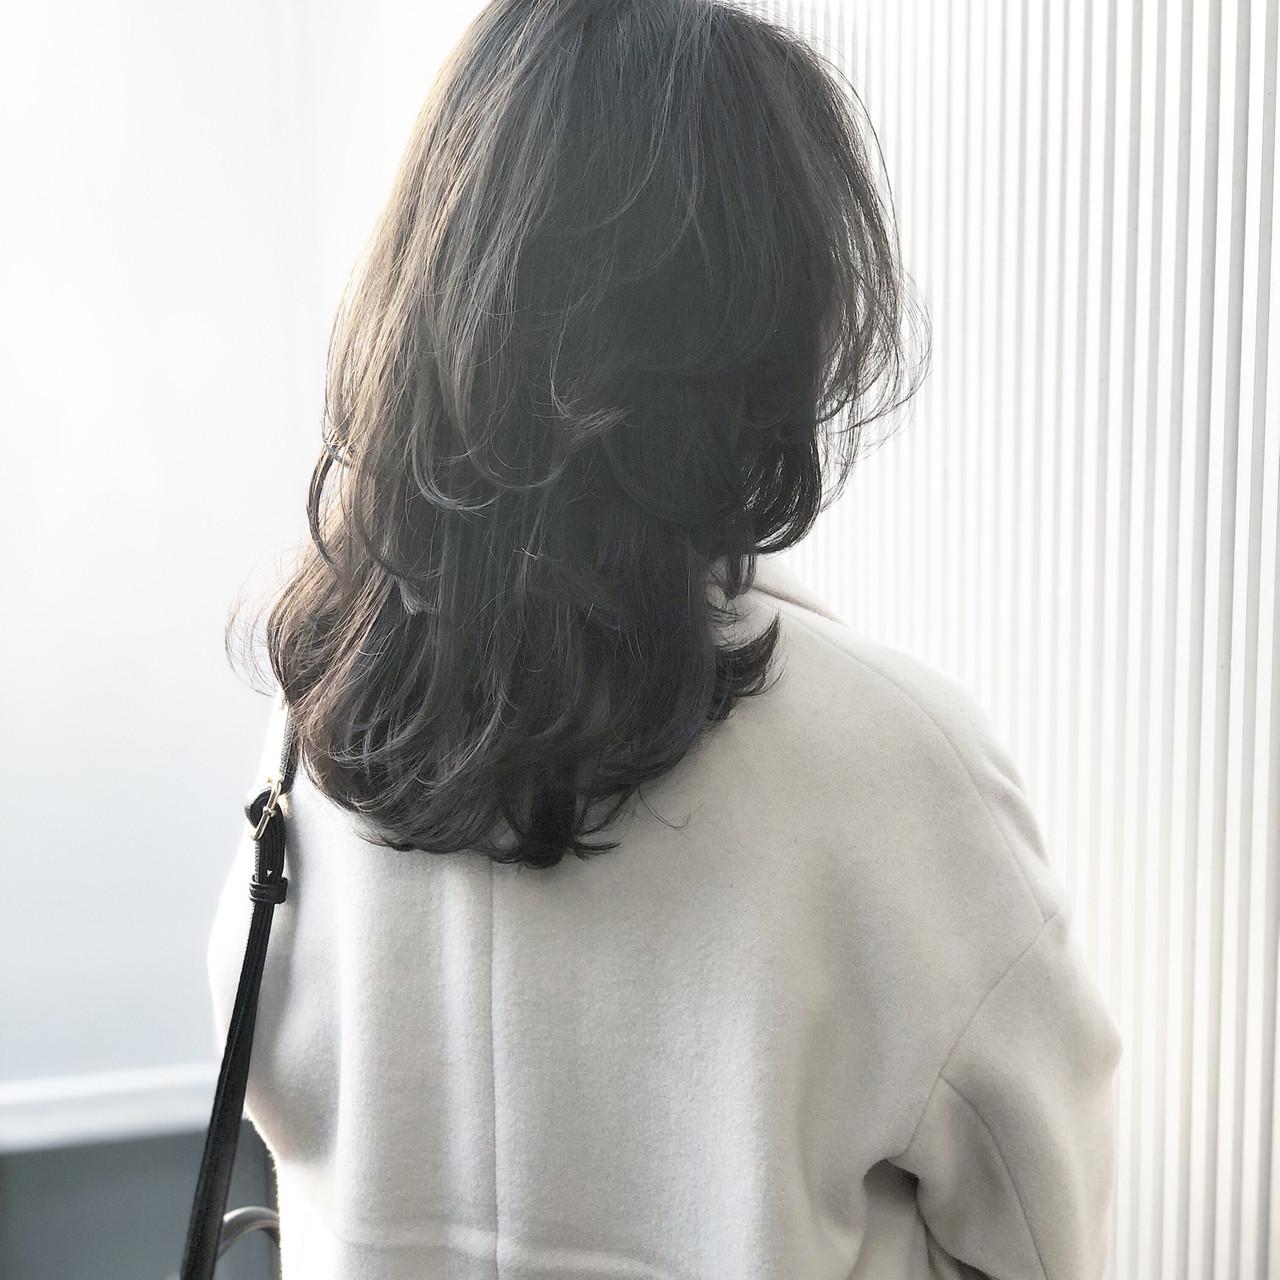 透明感 ナチュラル セミロング グレージュ ヘアスタイルや髪型の写真・画像 | 萩原 翔志也/ブリーチなしグレージュ/ストレート / Vicca 青山